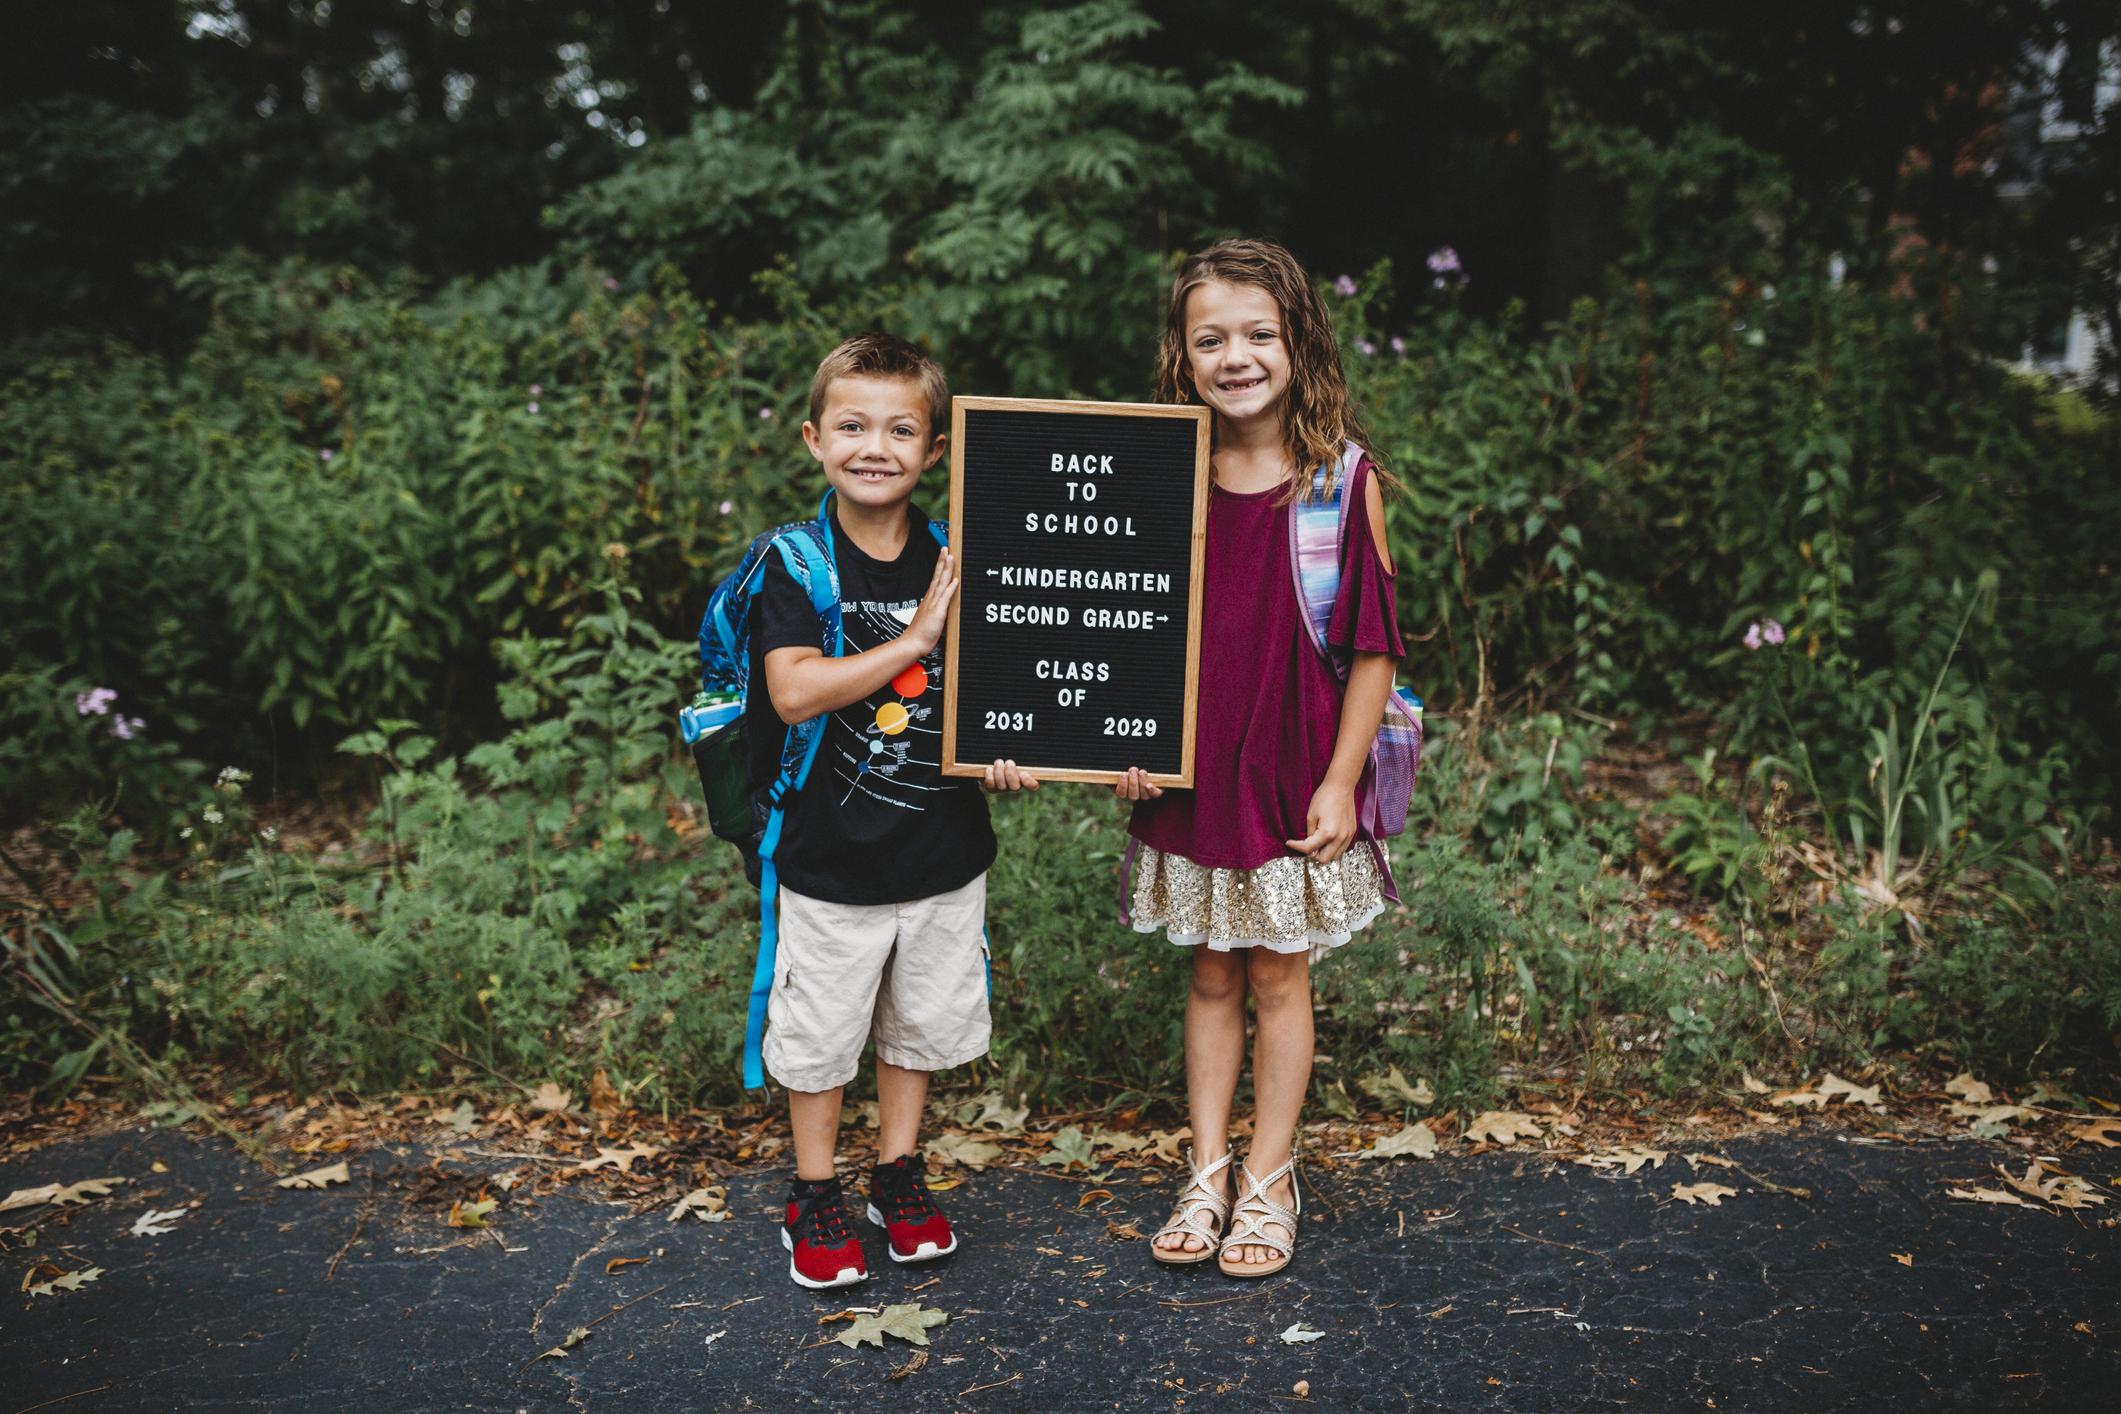 Deux frères et sœurs posant pour une photo de rentrée des classes.